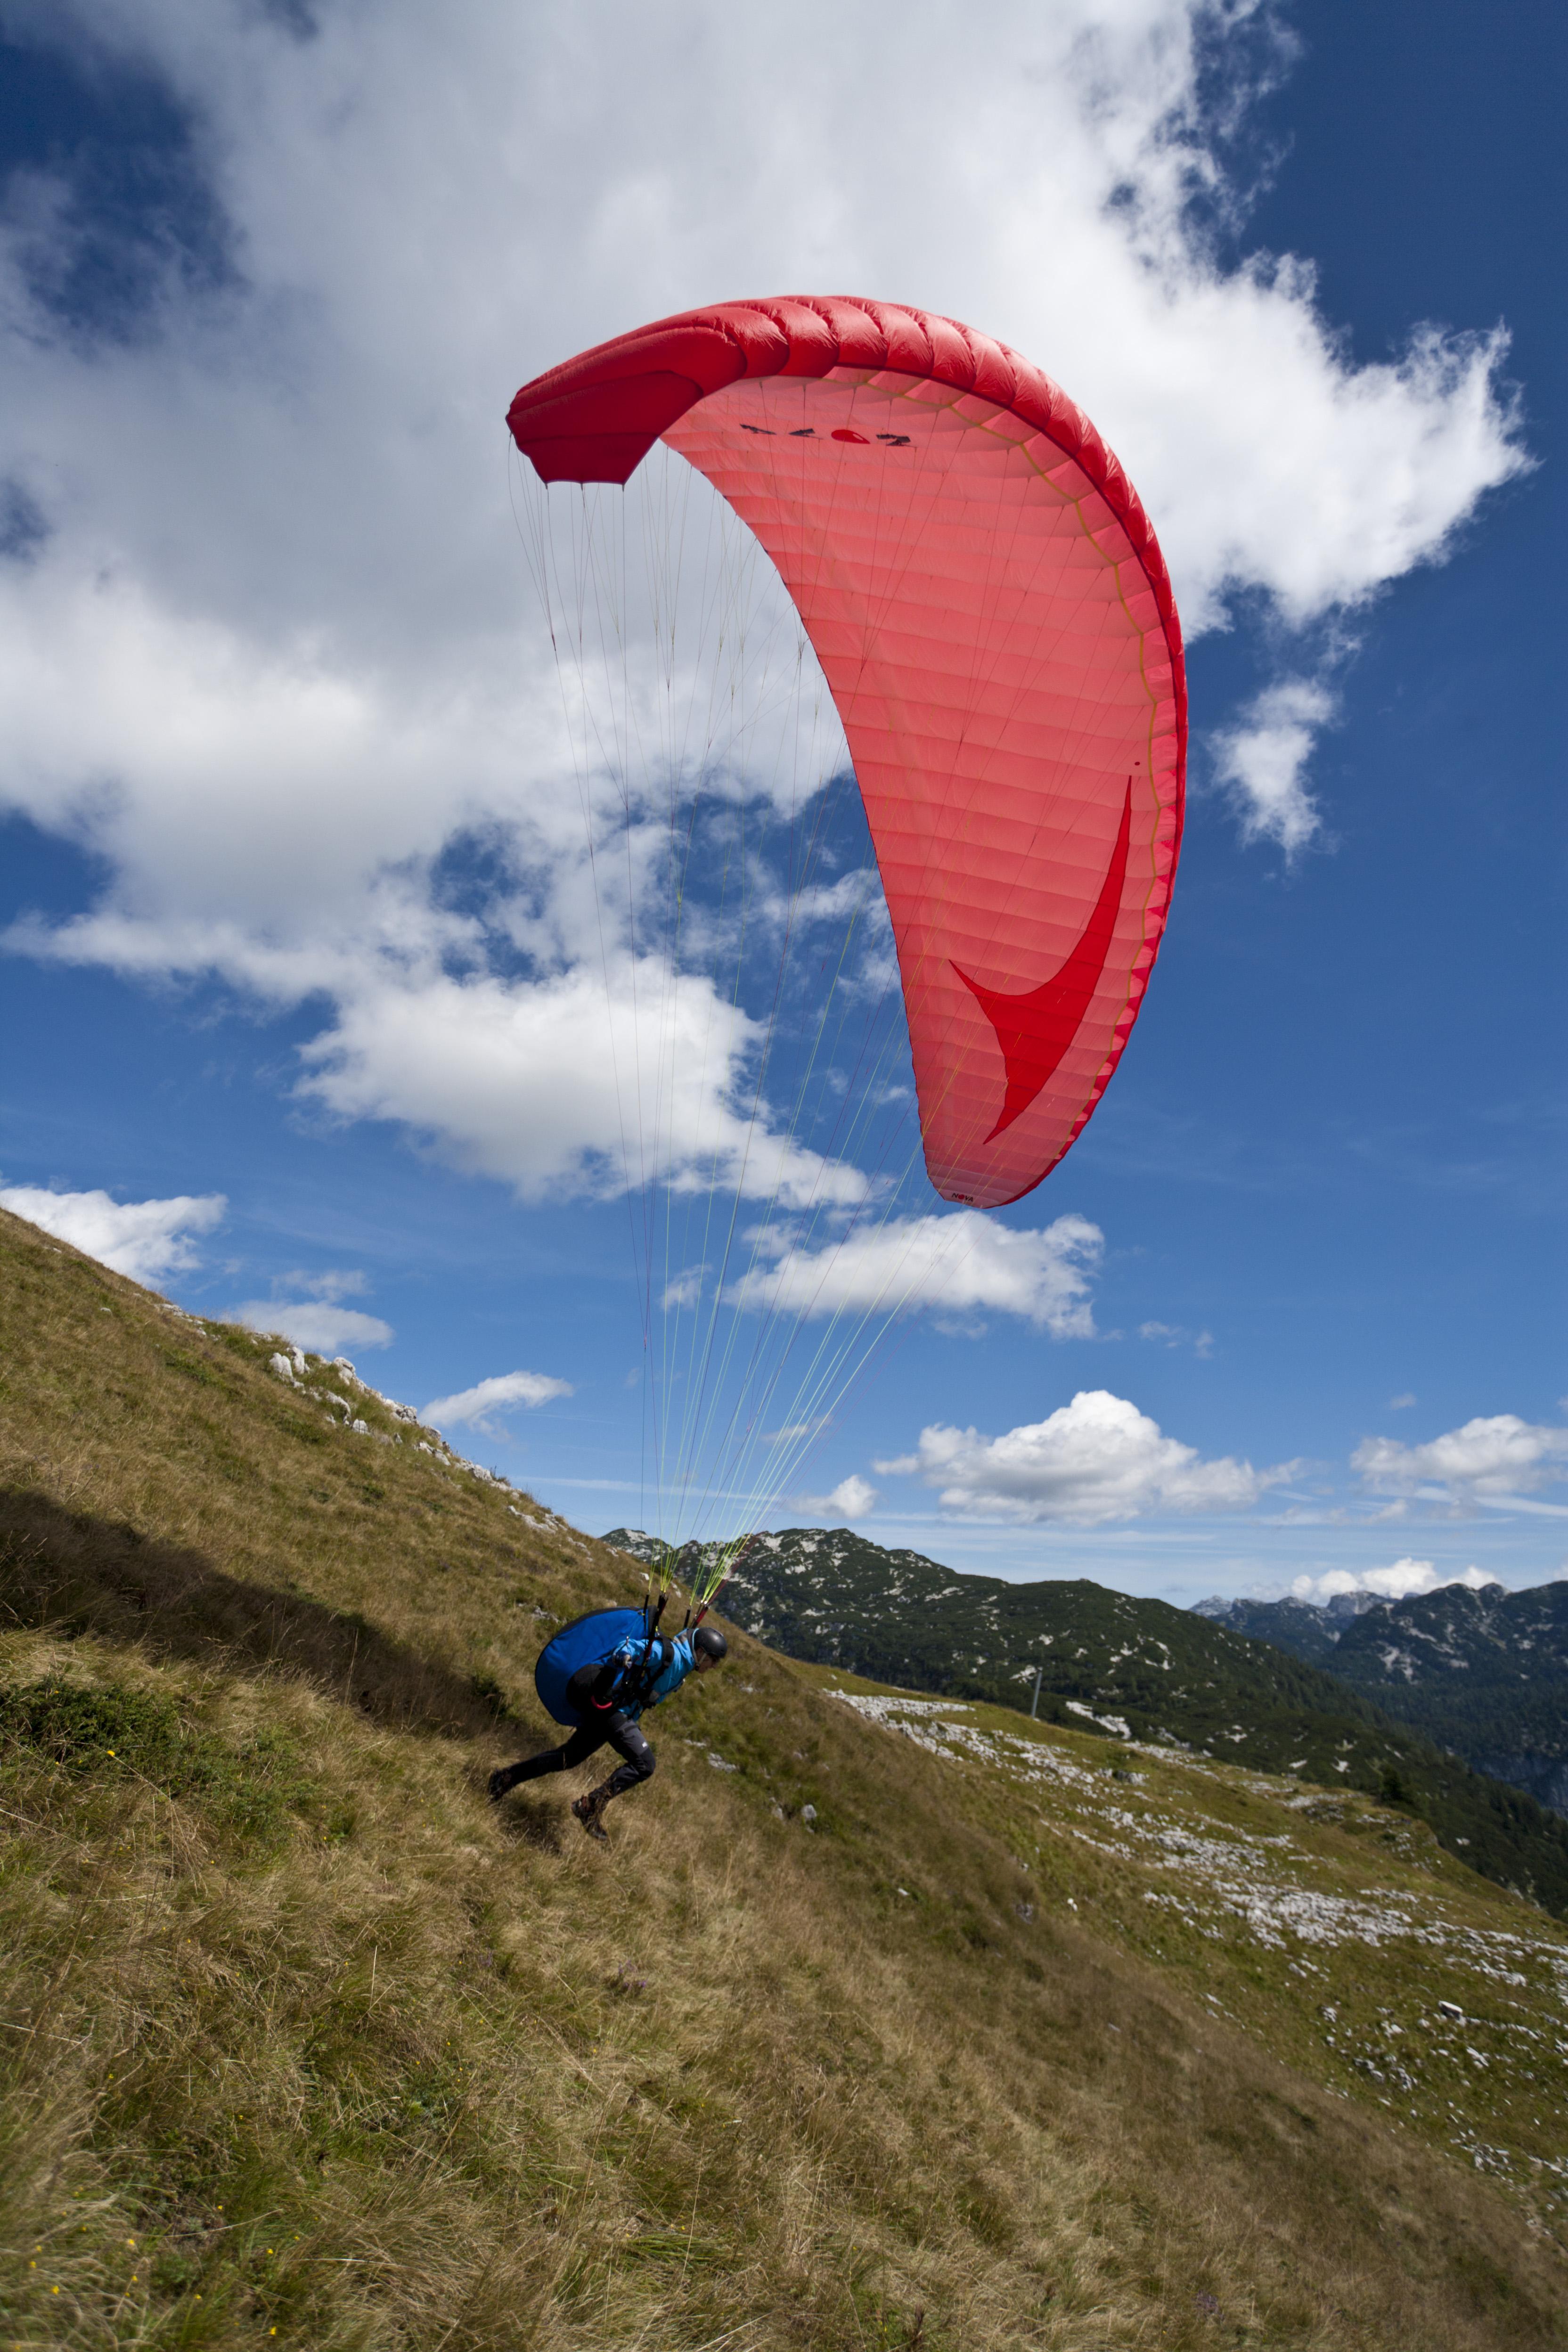 Loser Bergbahnen Altaussee Paragleiter©Leo Himsl